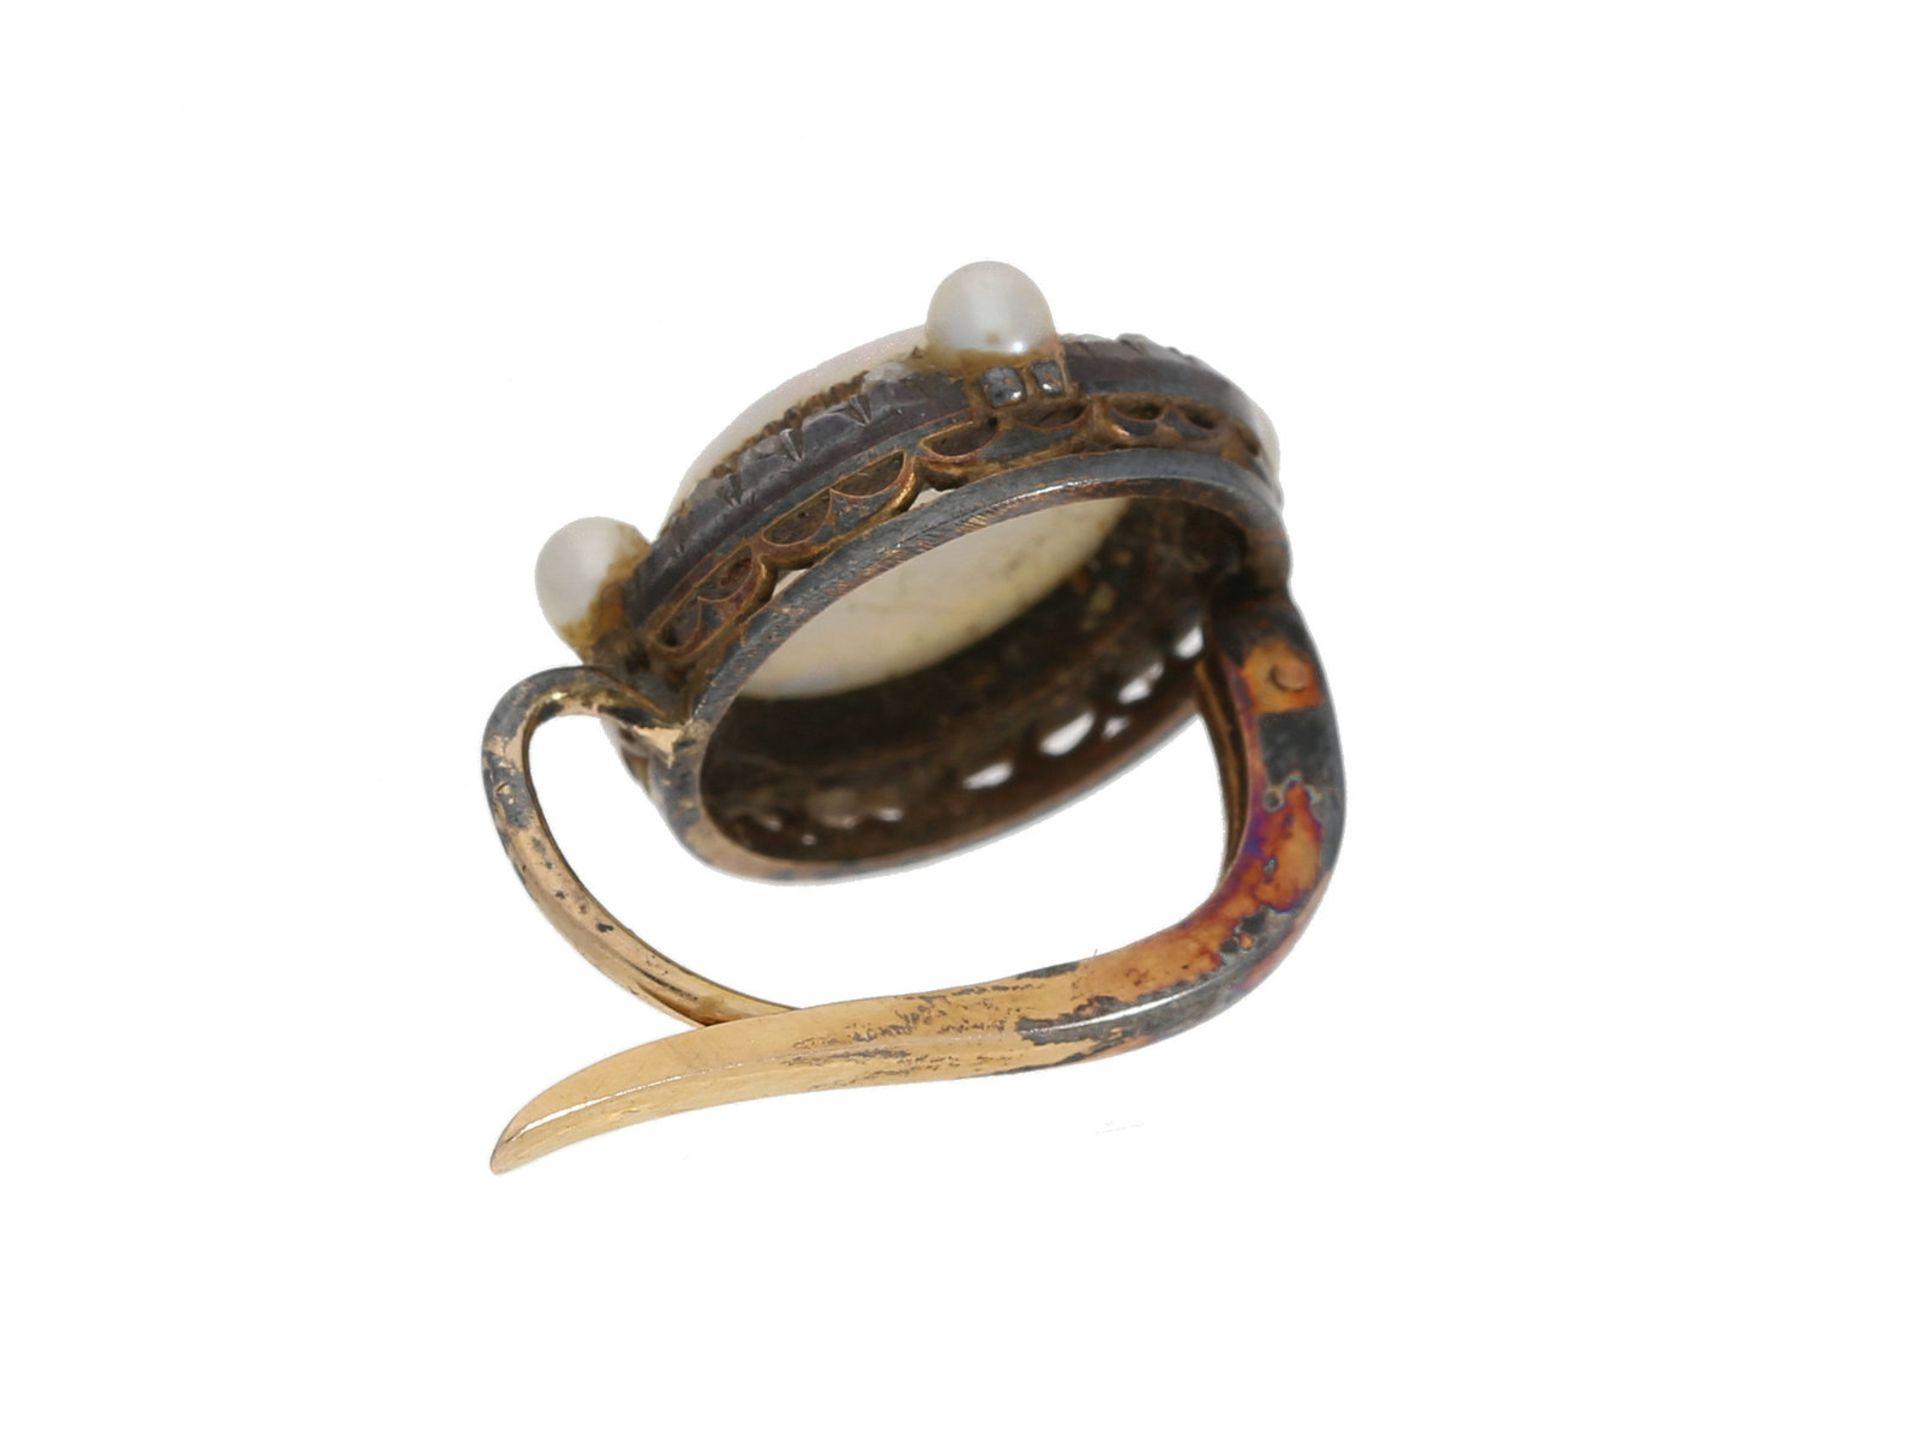 Ohrschmuck: einzelner antiker Ohrschmuck mit Steinkamee, Perlen und Diamantrosen, 19. Jahrhunder - Bild 2 aus 2